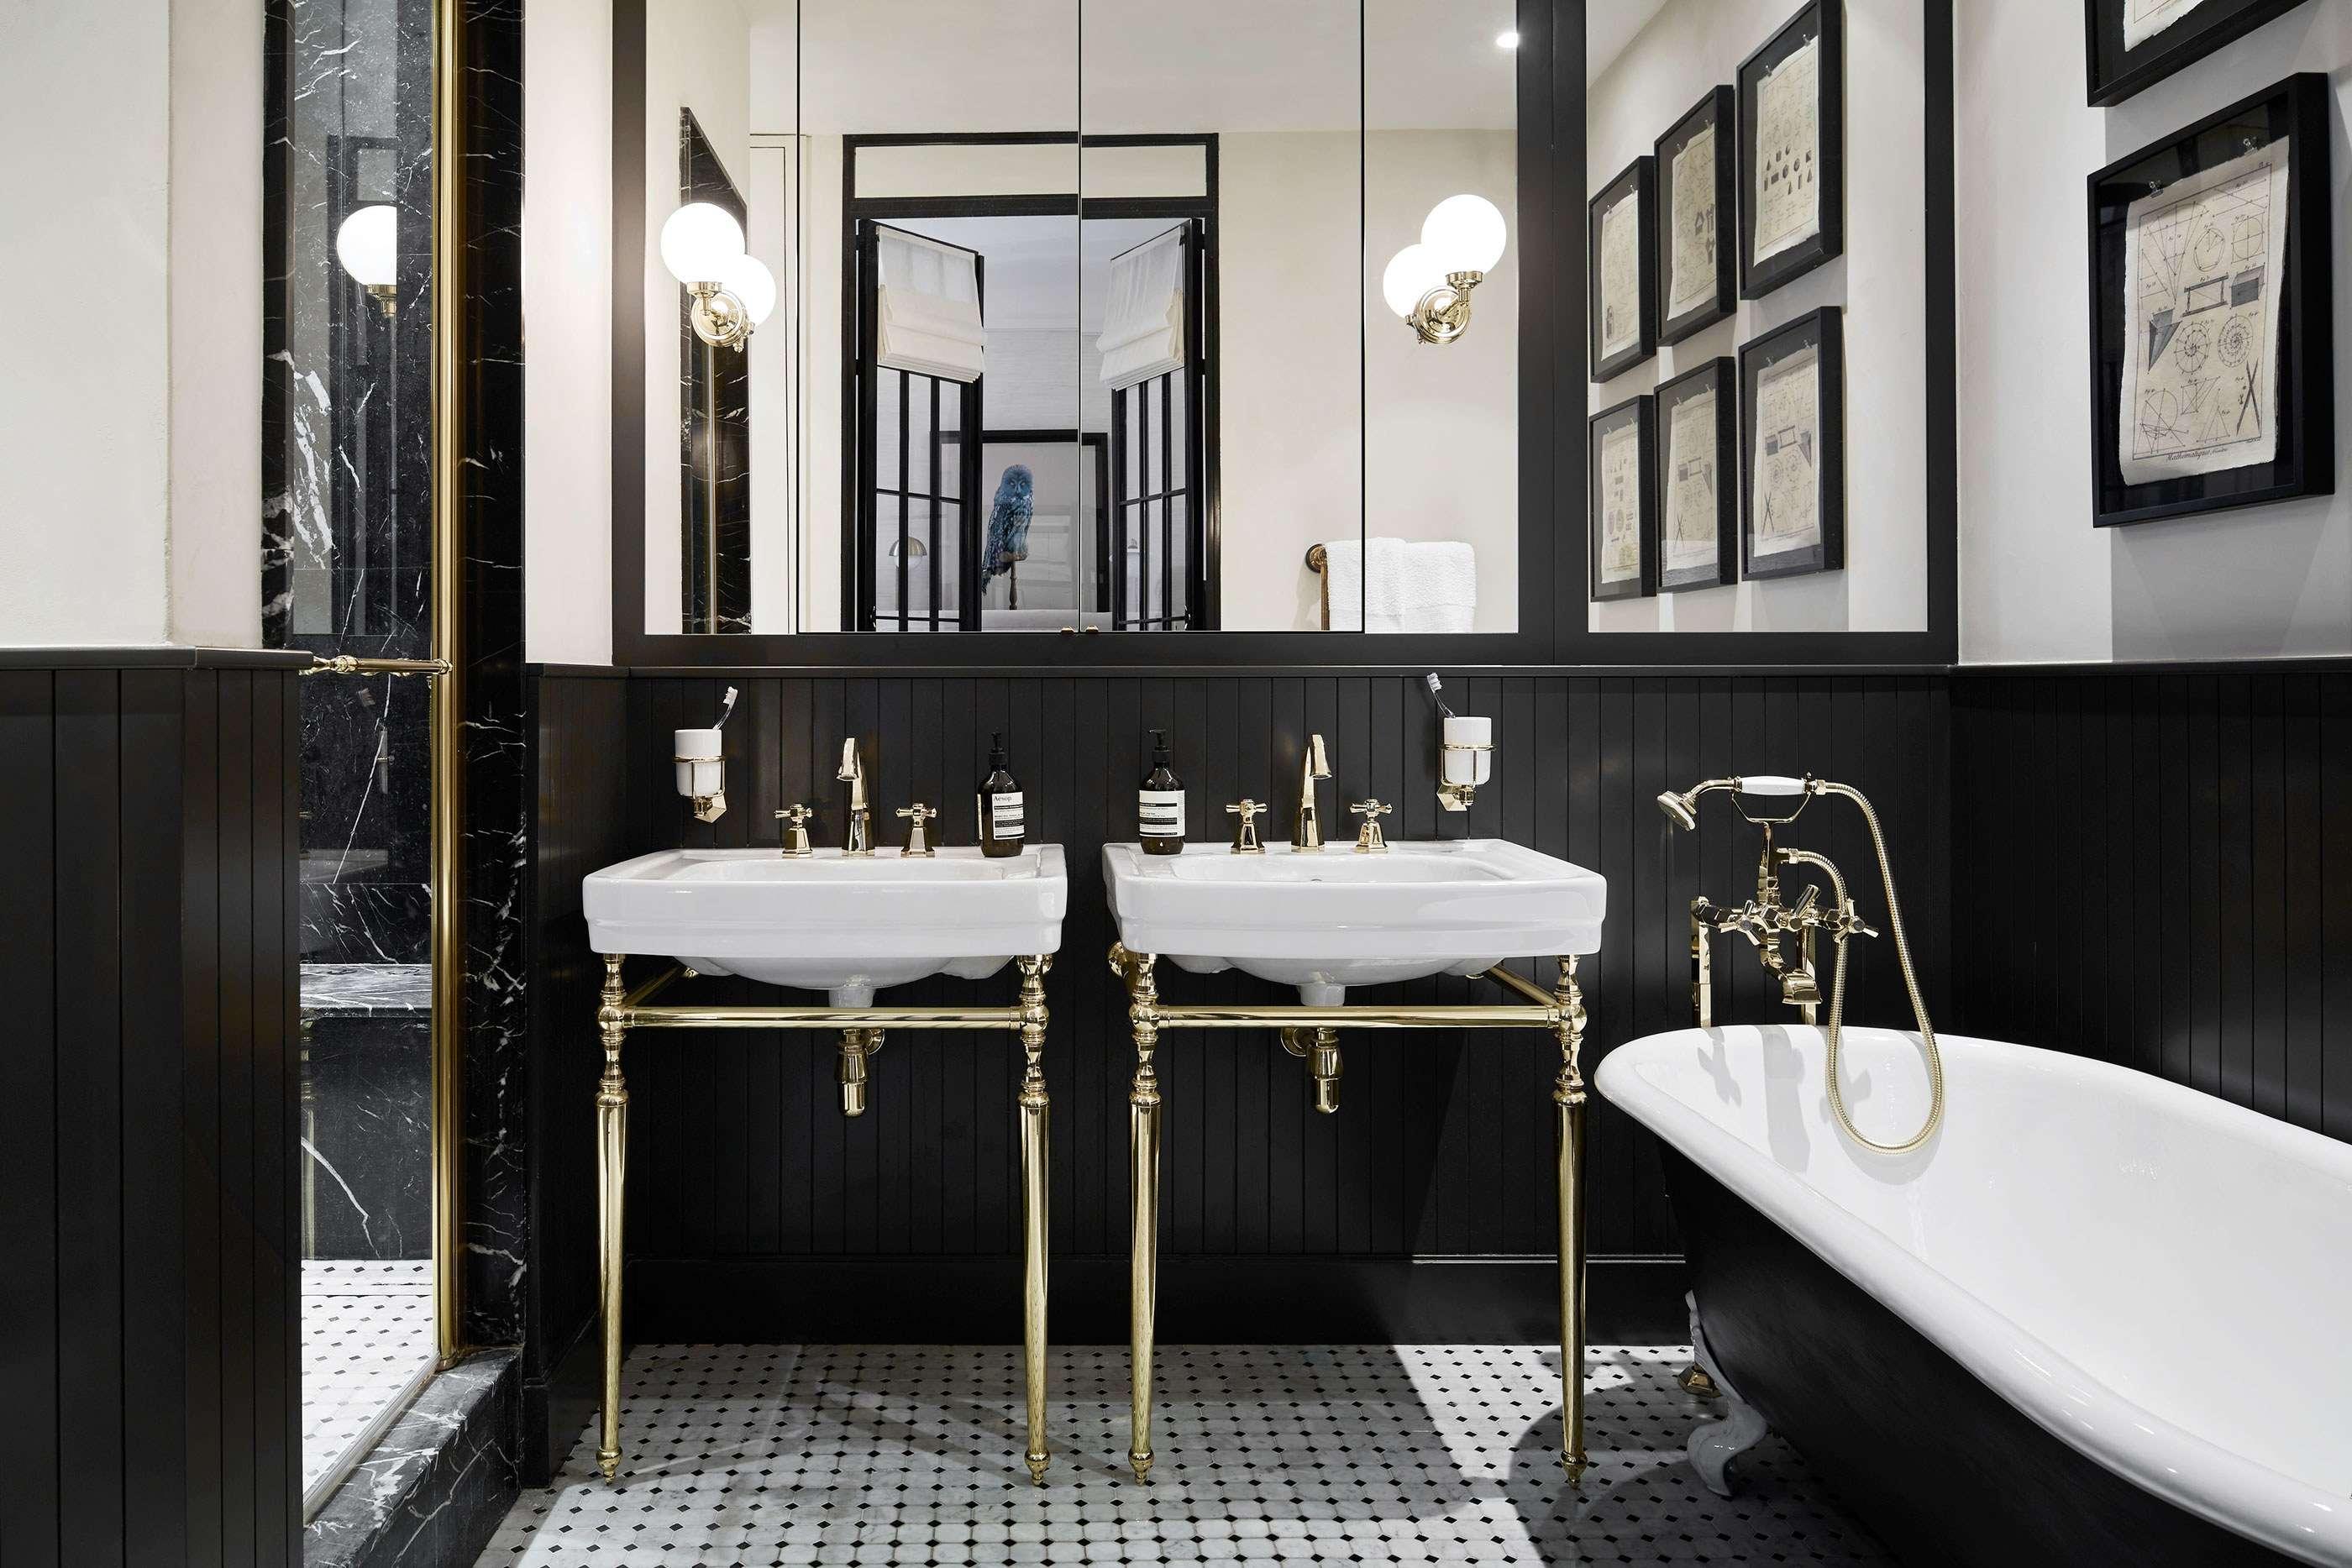 couleur sombre salle de bain noire elegante